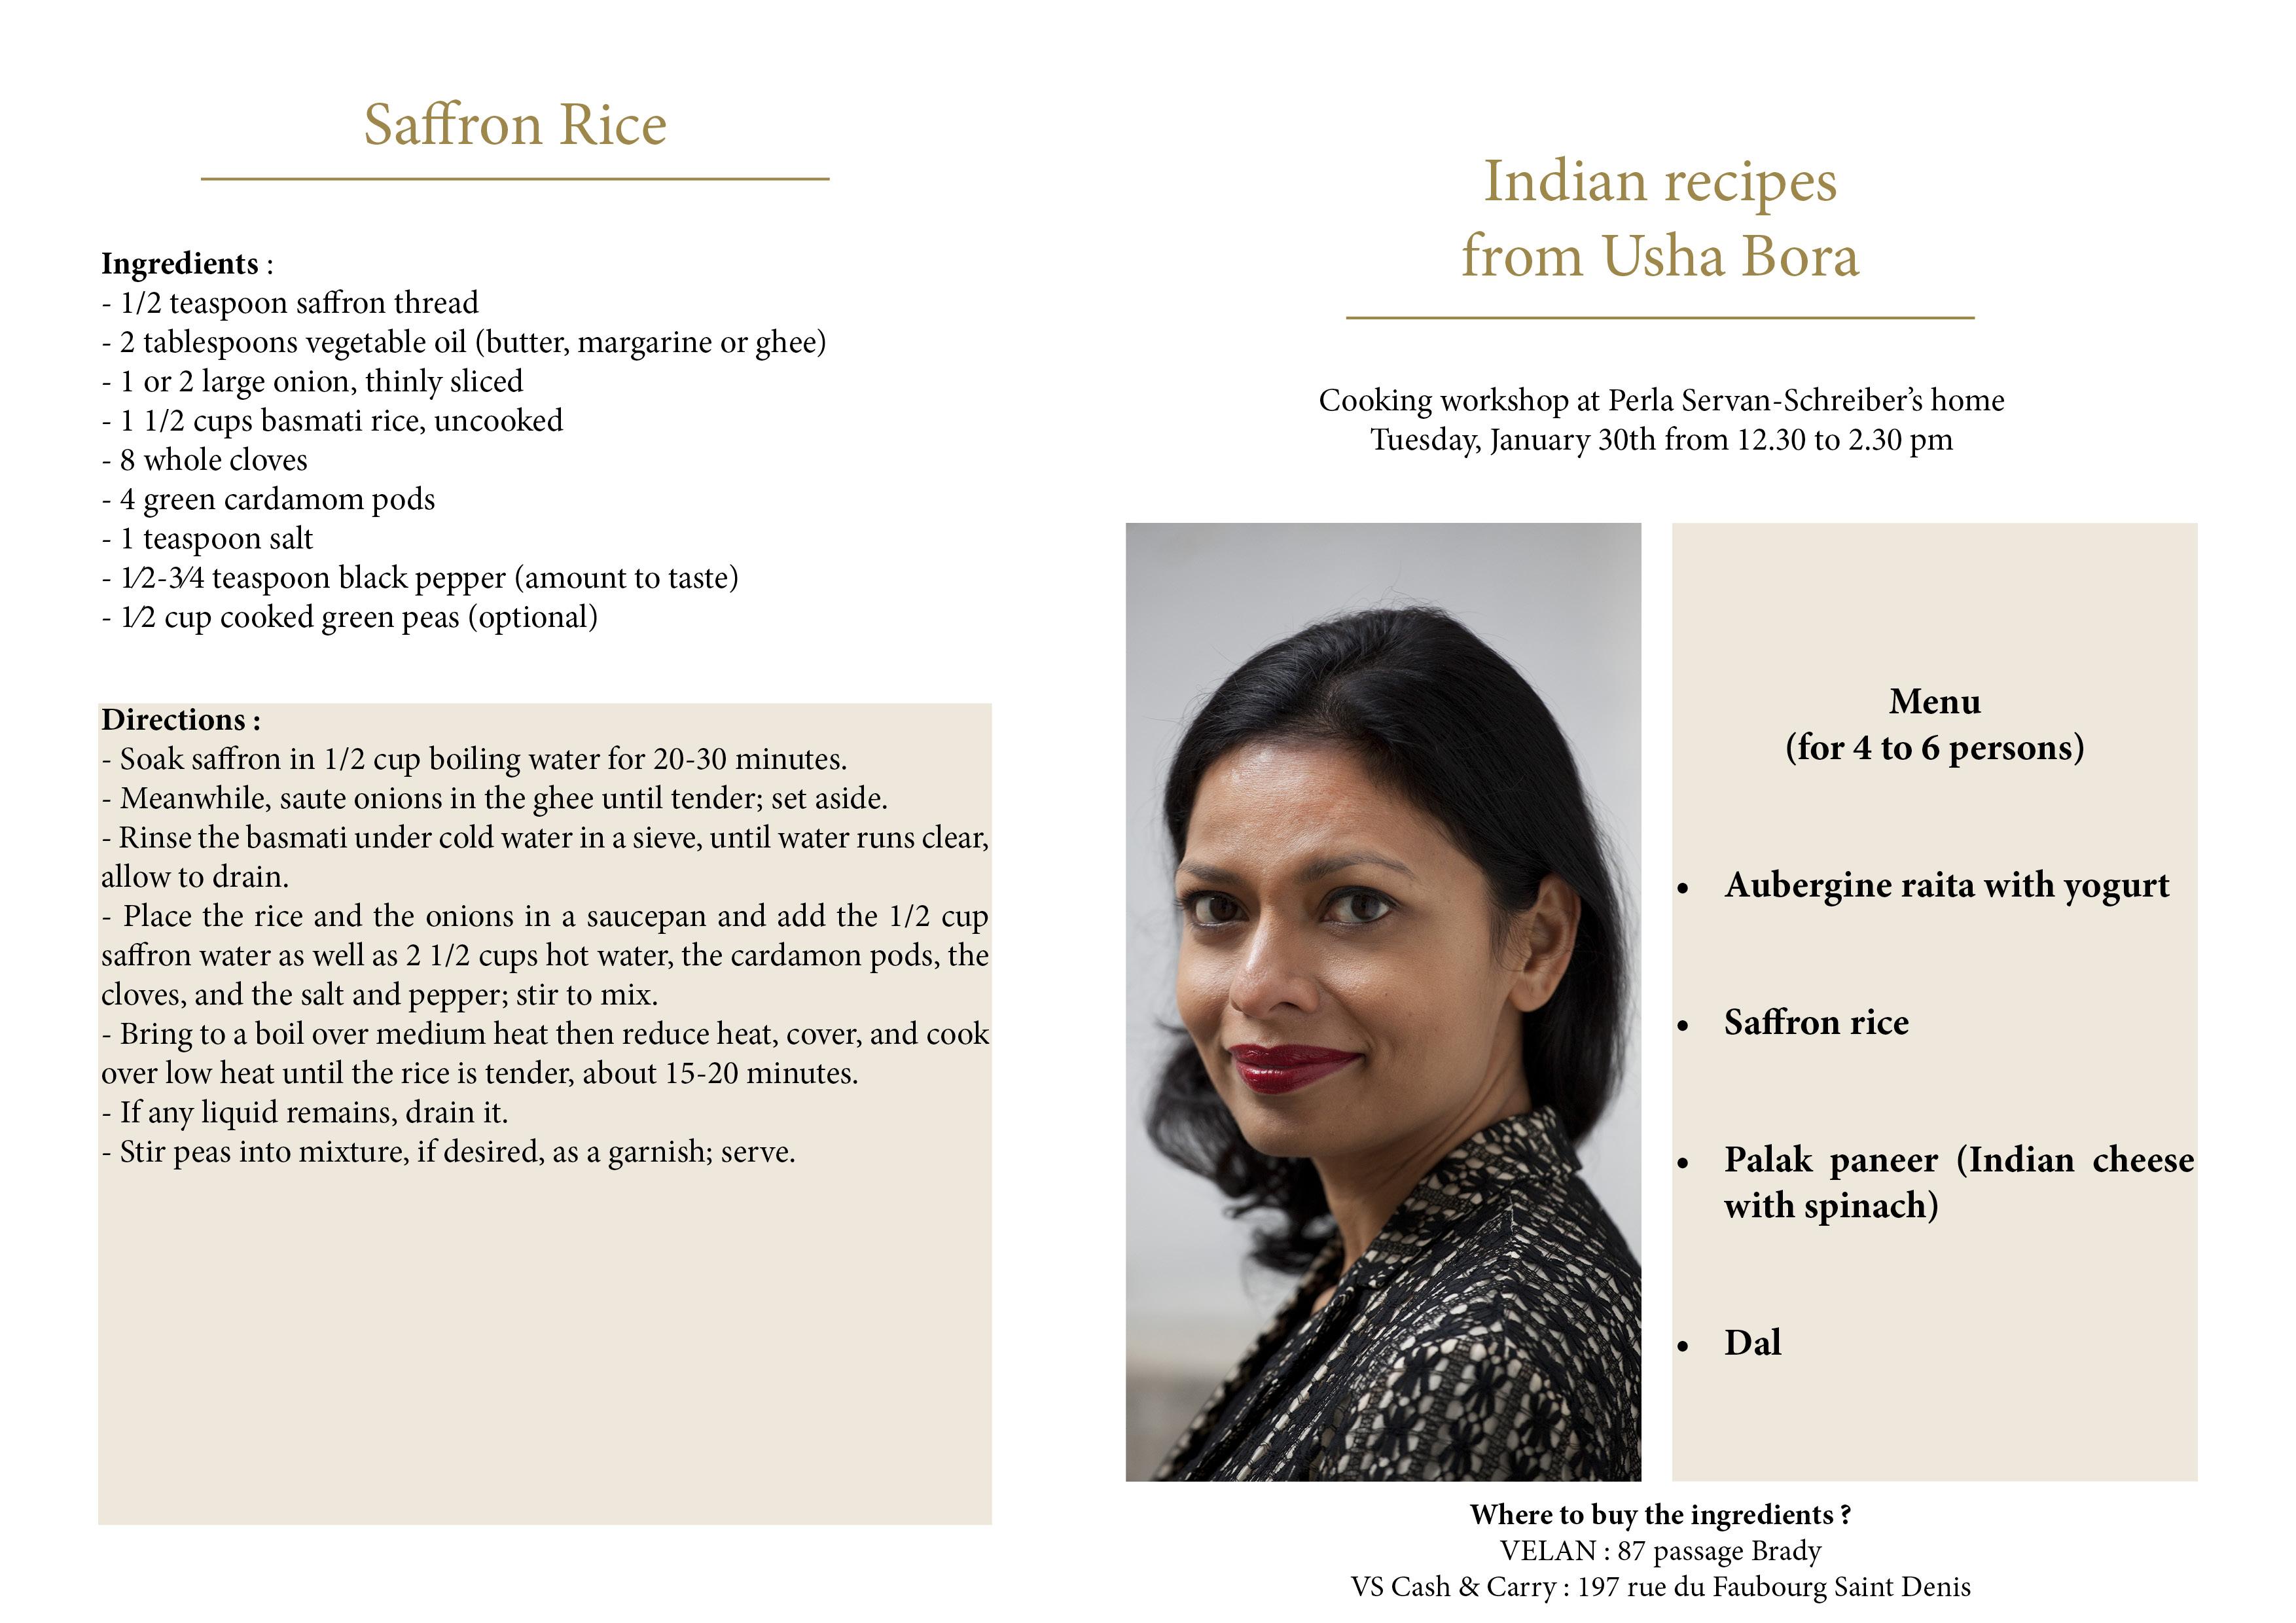 Indian recipes by Bora Usha